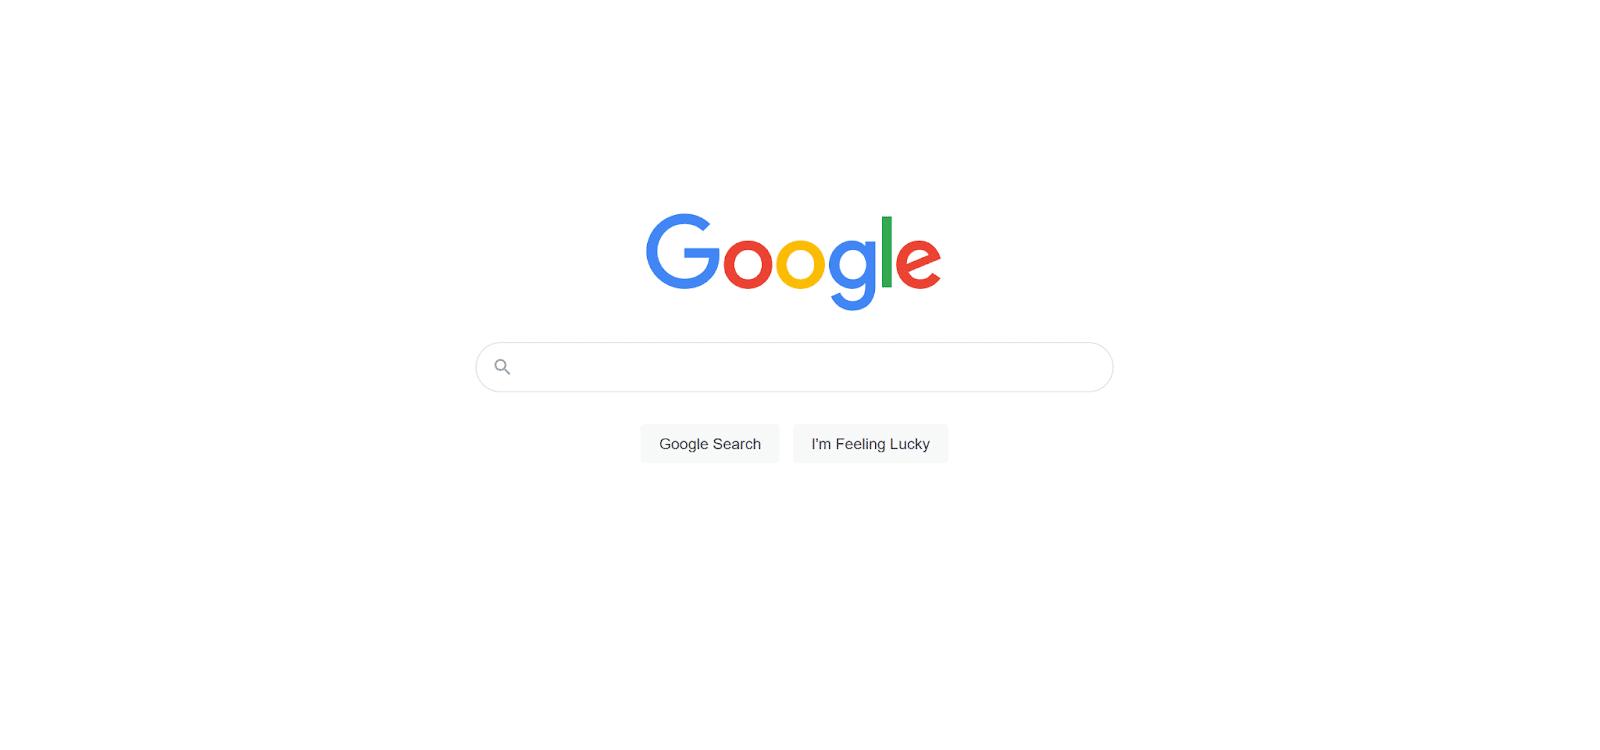 DuckDuckGo può essere un'alternativa a Google, a seconda delle vostre preferenze.